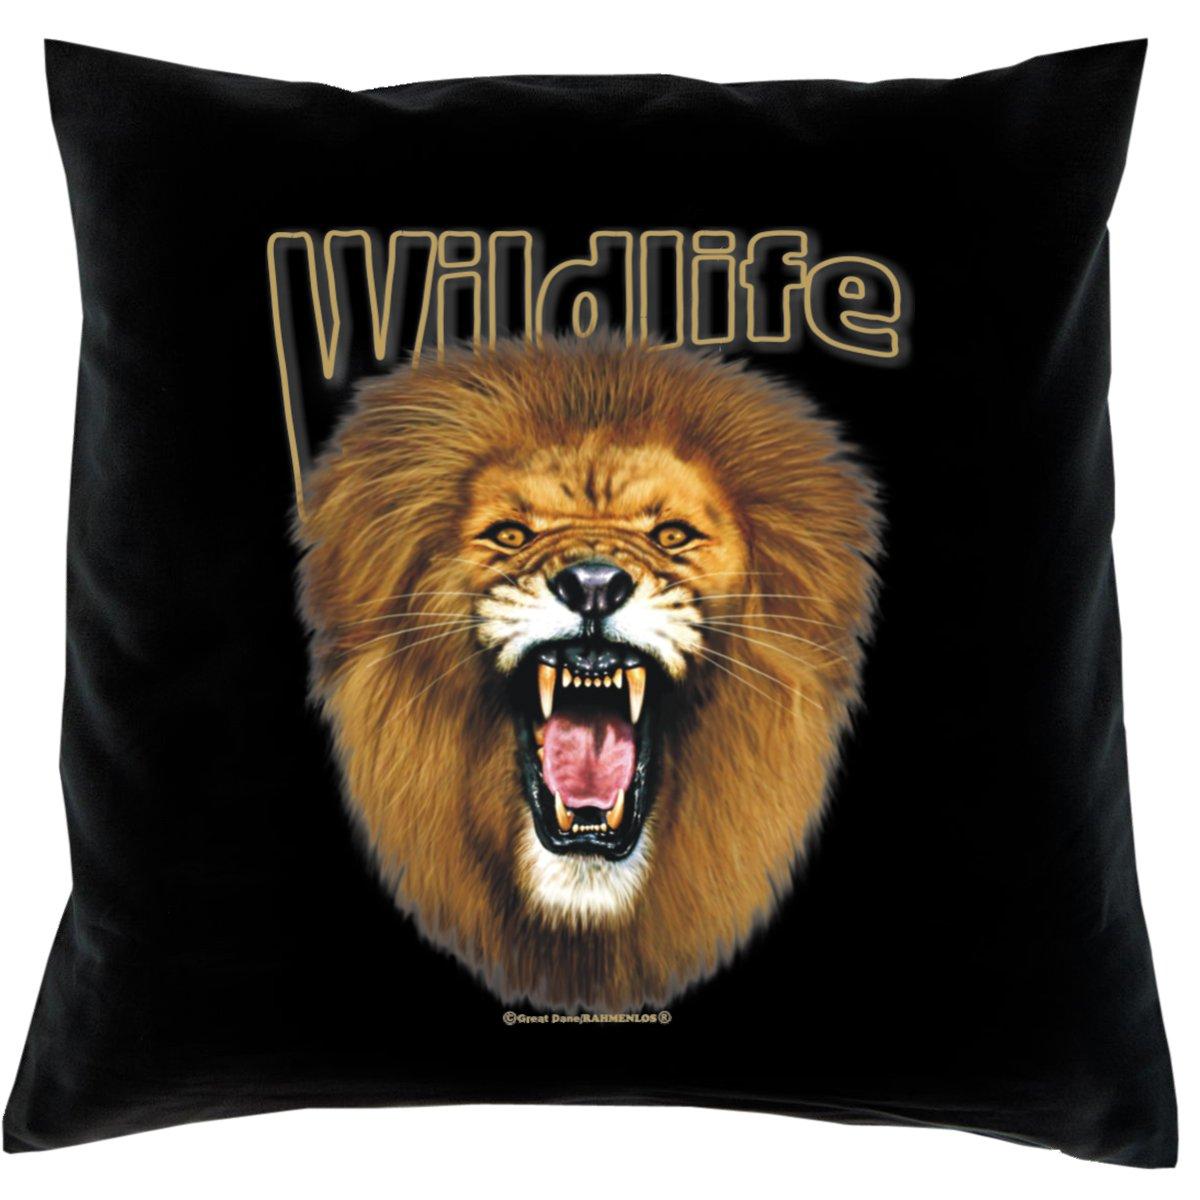 Kissen mit Innenkissen – Wildlife – Löwe – mit 40 x 40 cm – in schwarz : ) günstig online kaufen